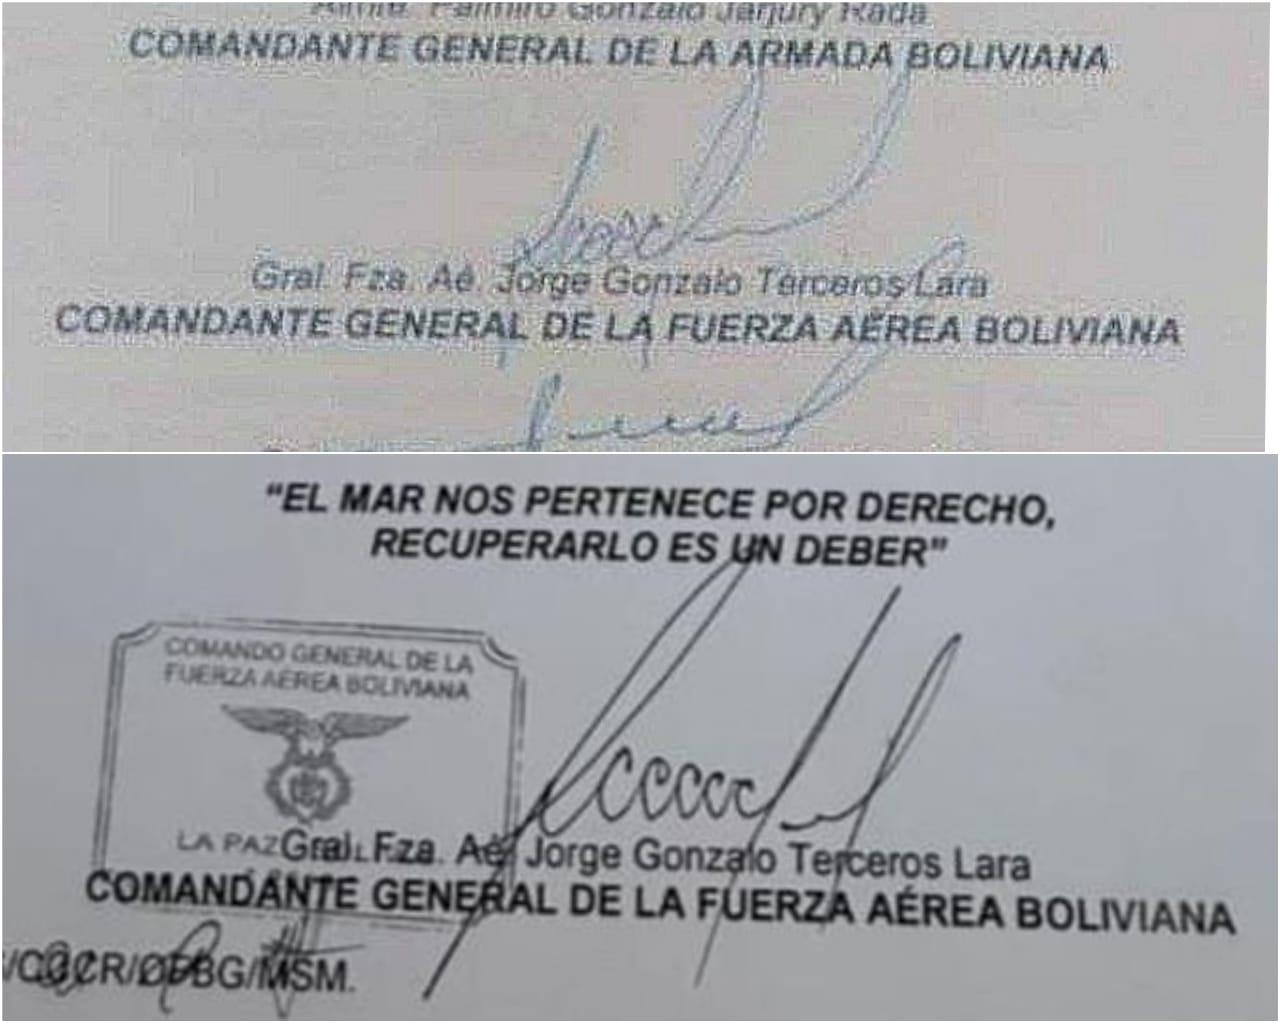 Denuncian que se ha falsificado la firma de Terceros en el documento del recibo de material antidisturbios